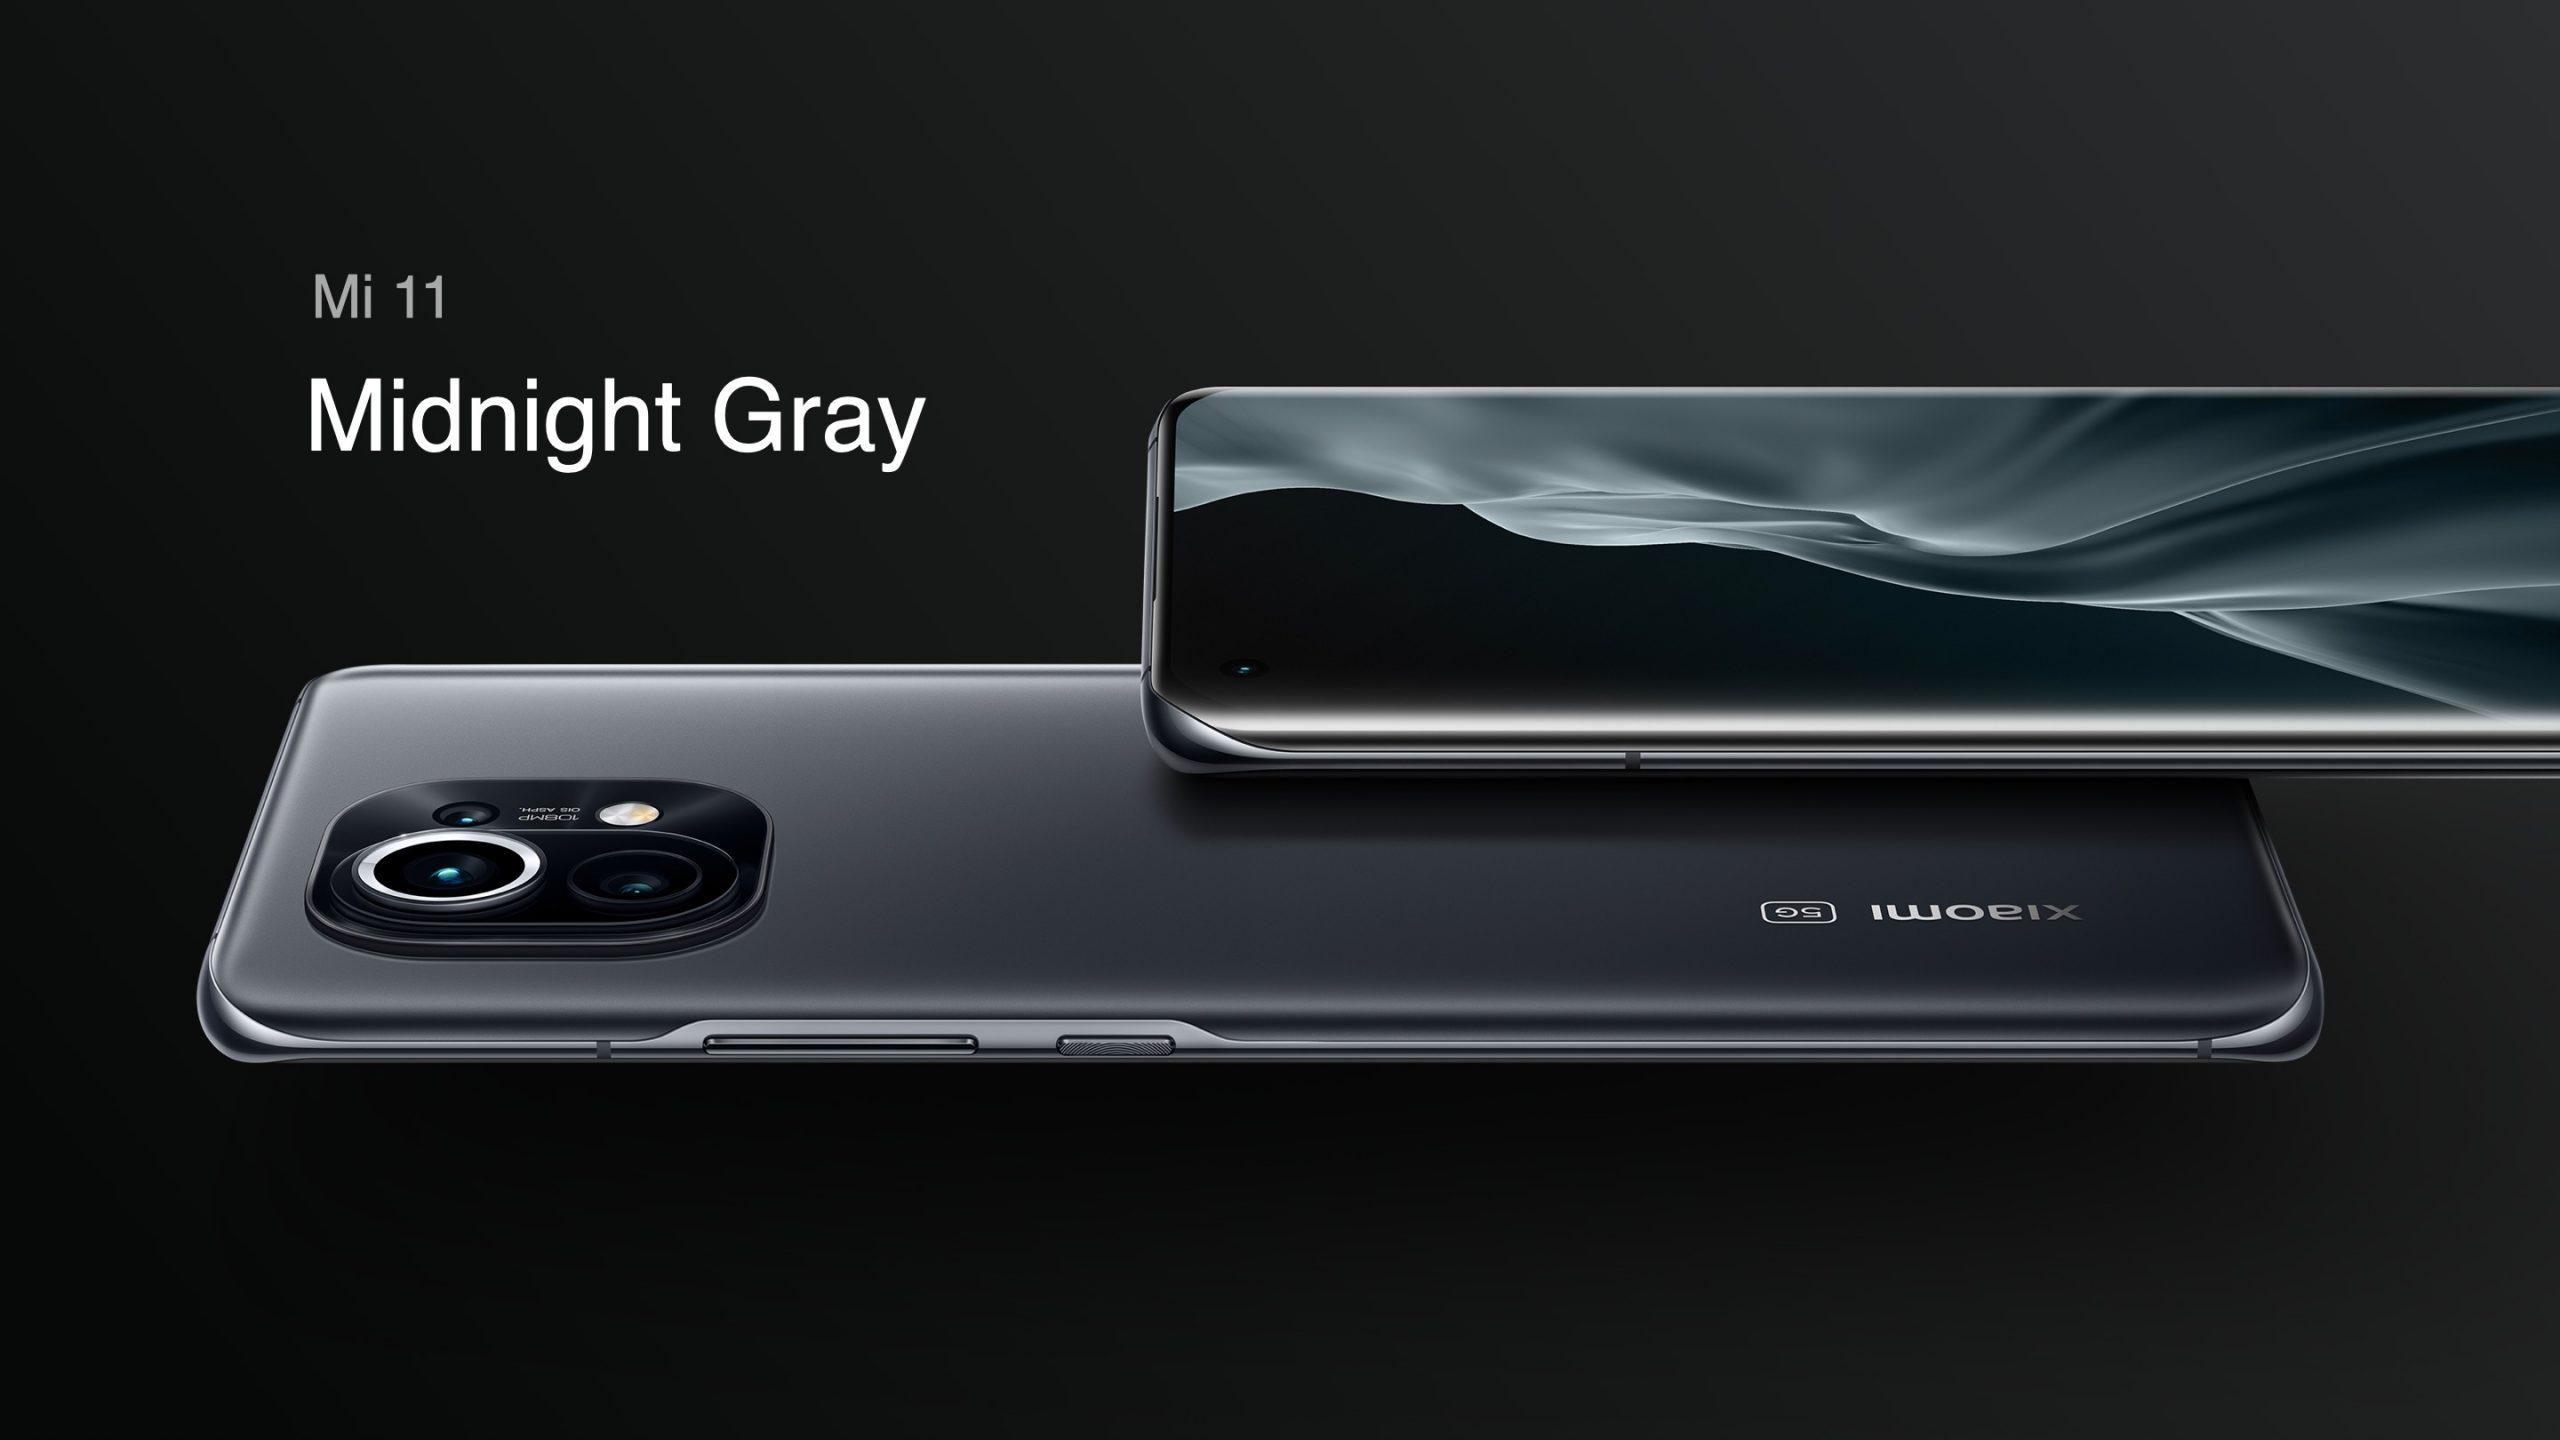 Xiaomi Mi 11 Global, Funktionen, Preis, Erscheinungsdatum. Nachrichten Xiaomi Addicts